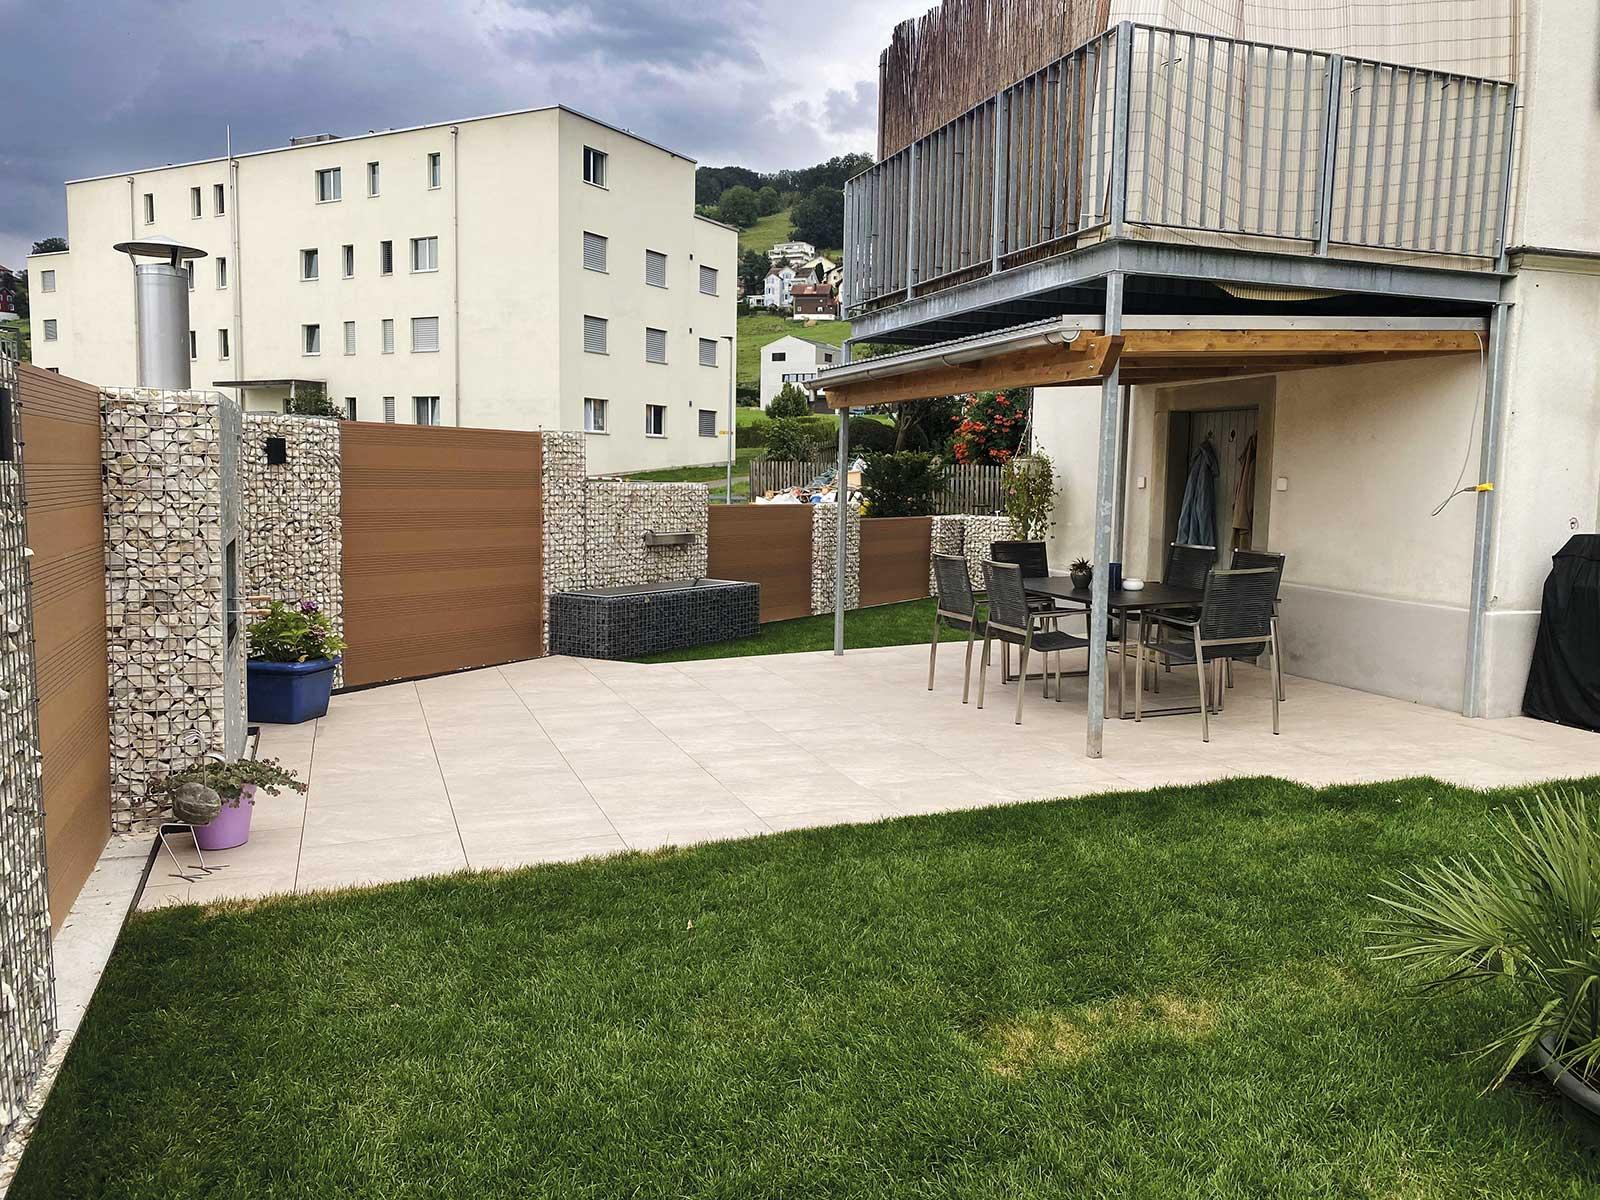 Aussem_Gartenbau_garten_Einfamilienhaus-Thal-St-Gallen_IMG_7182[1]